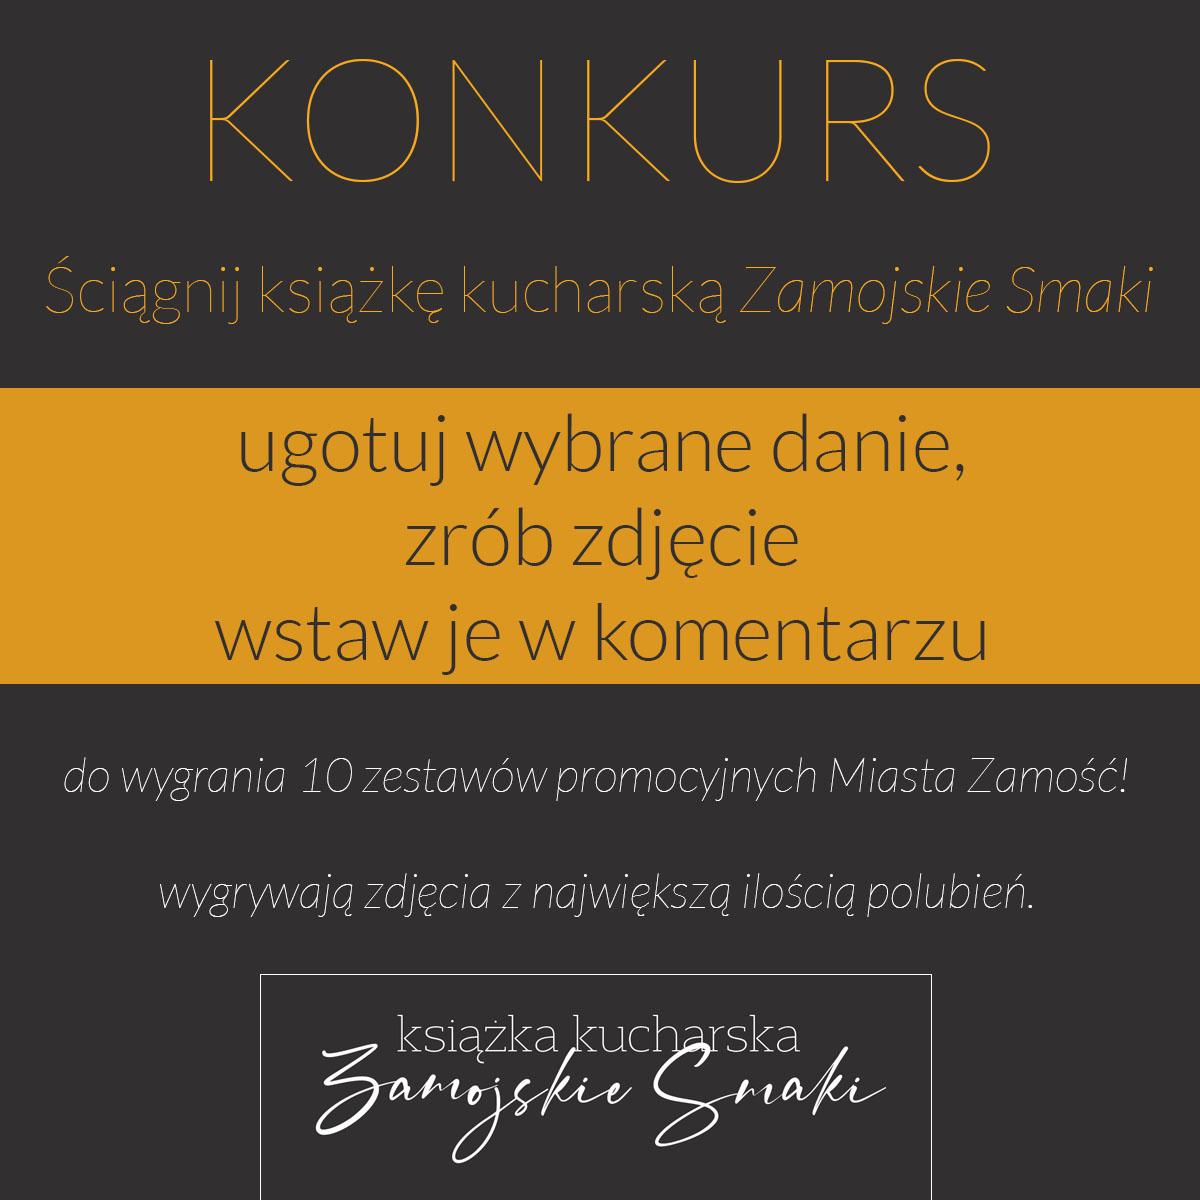 konkurs fb ZAMOŚĆ: Miasto zaprasza do udziału w konkursie kulinarnym